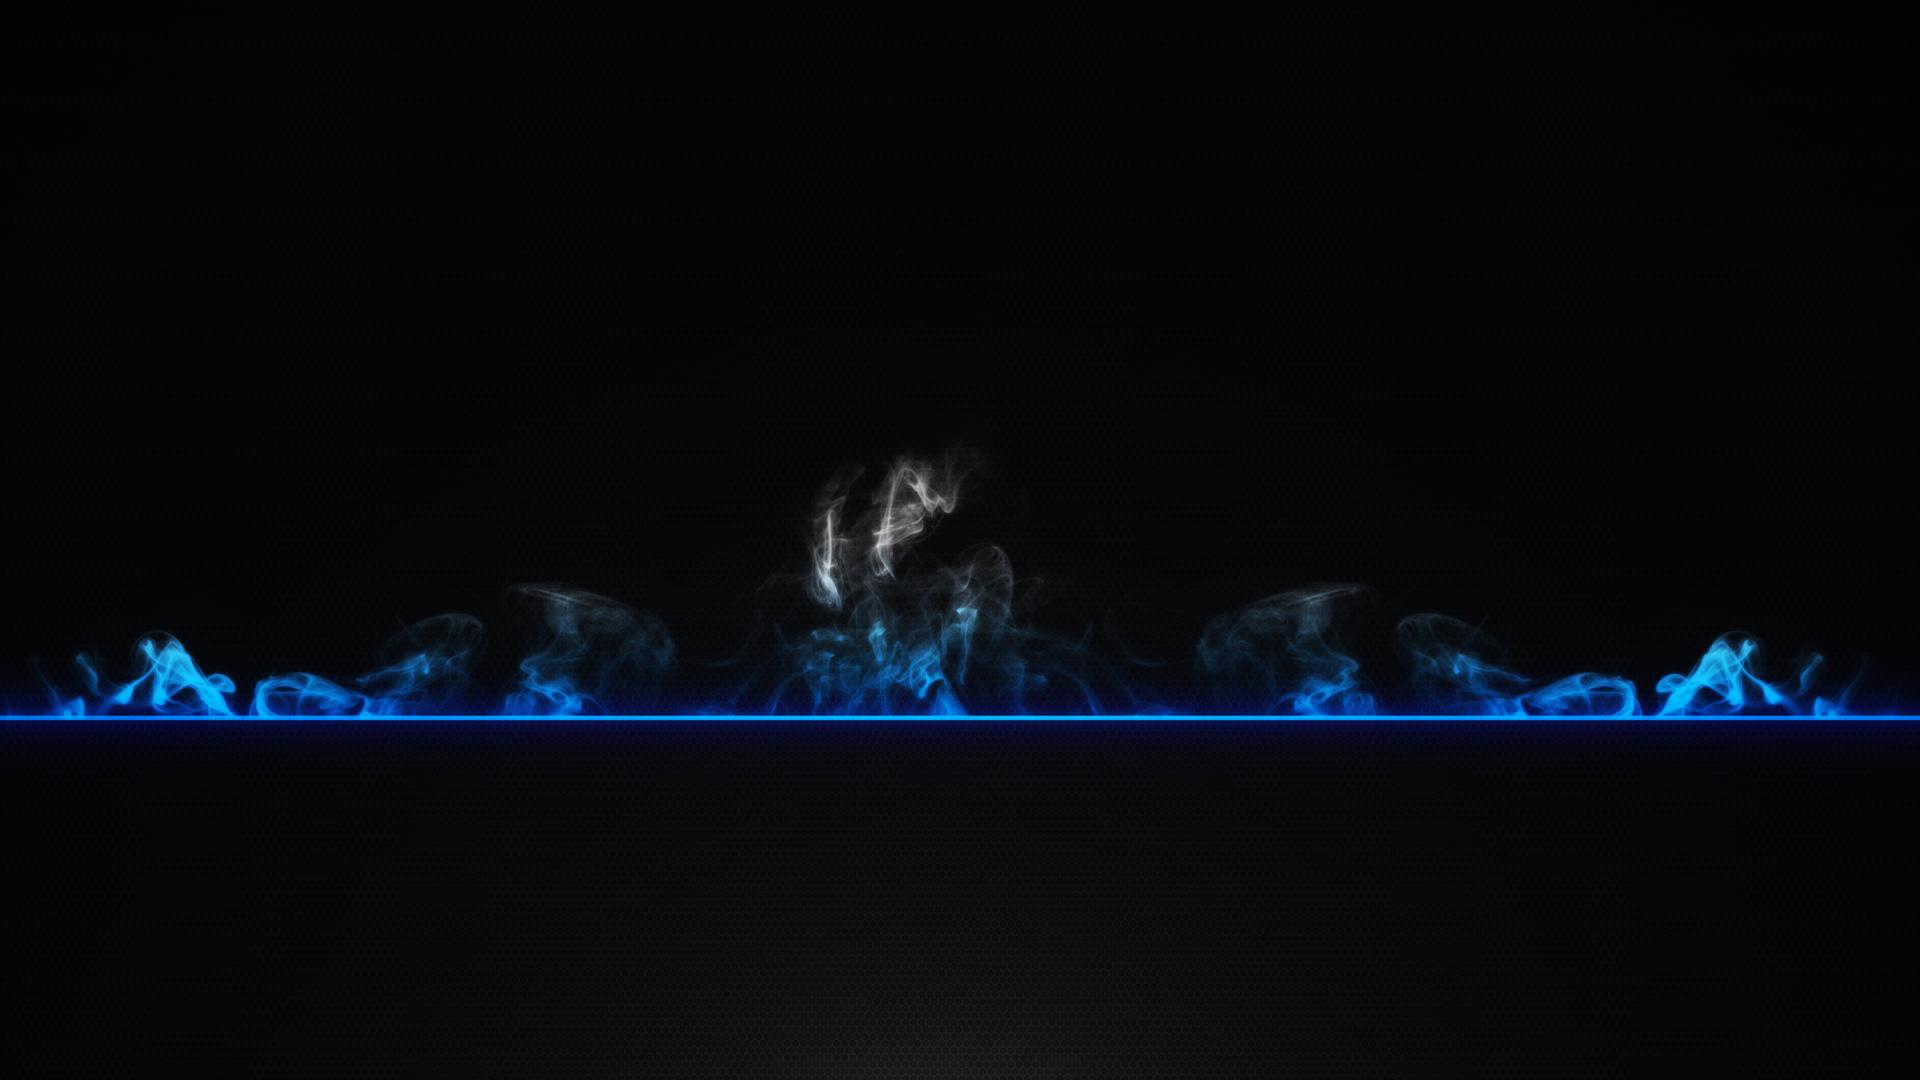 Hình nền màu đen đẹp cho máy tính